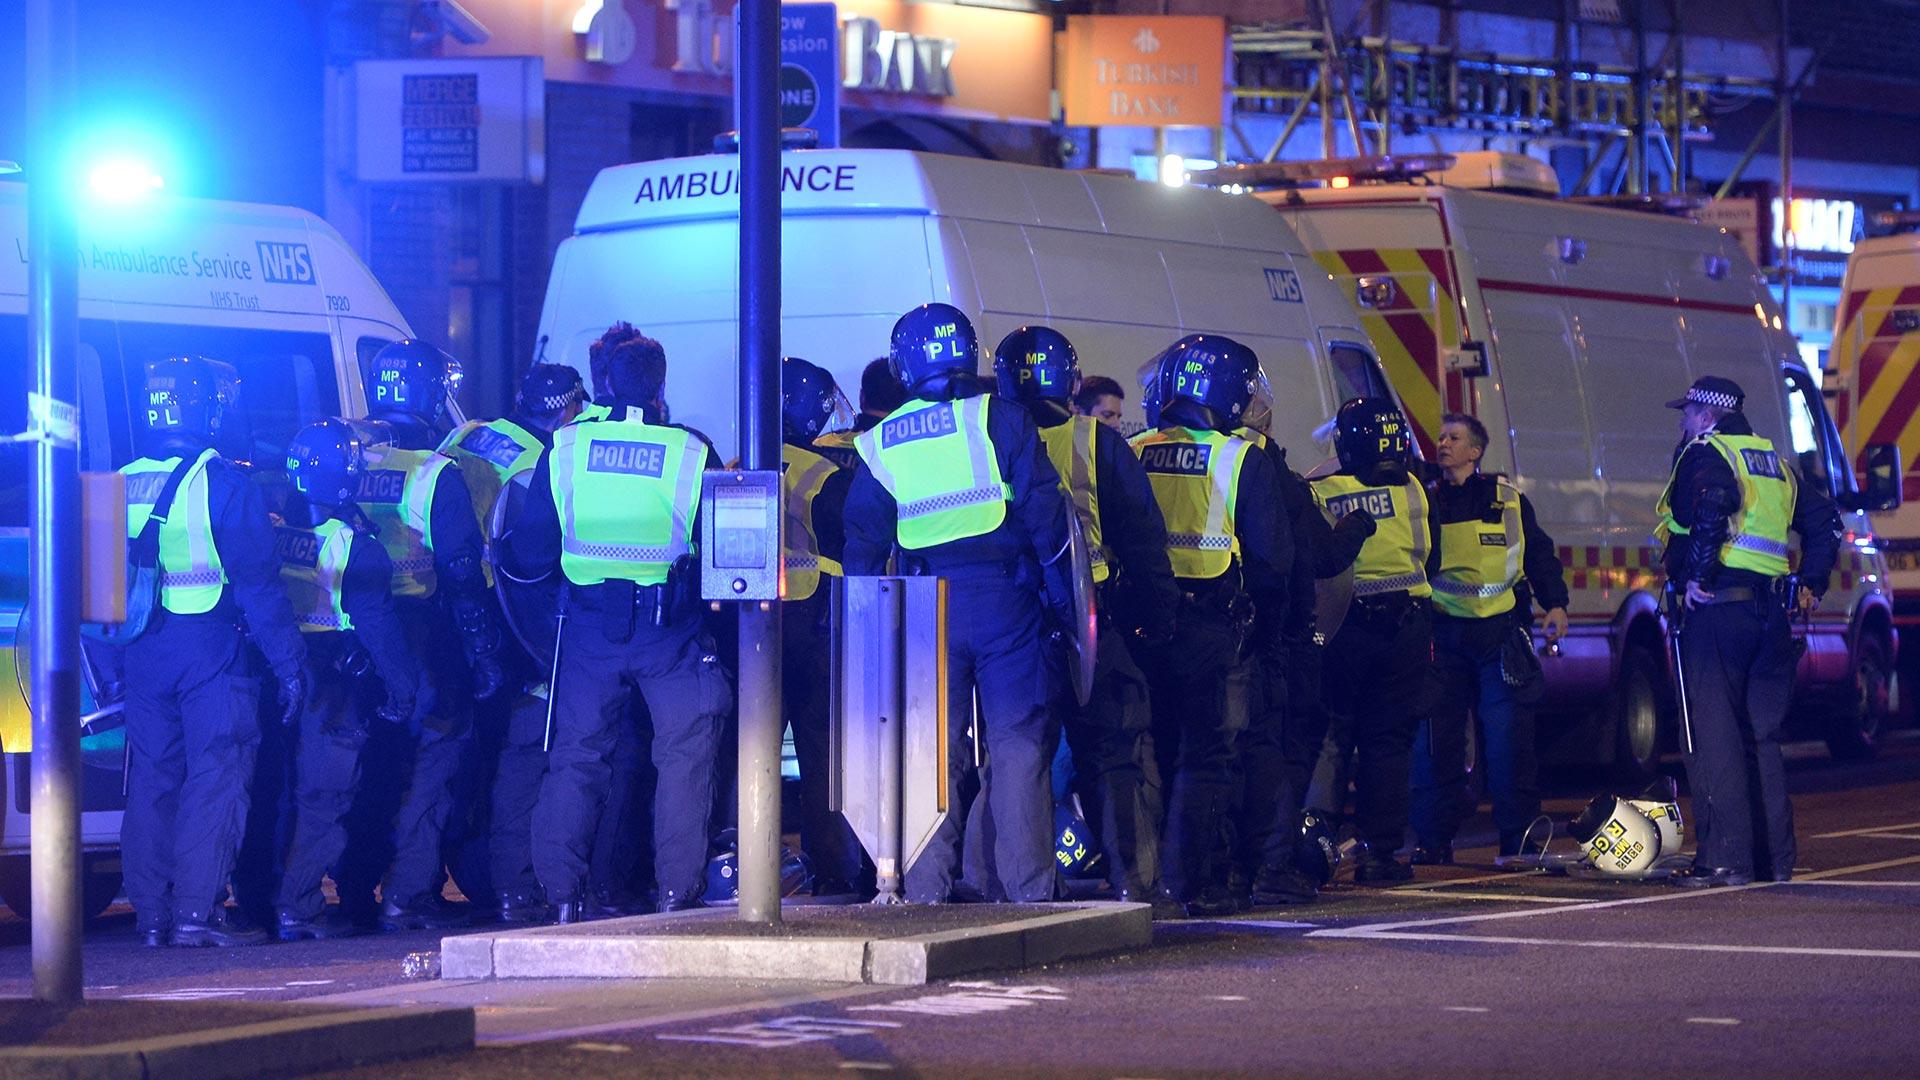 Casi 50 personas resultaron heridas, de las cuales 36 siguen hospitalizadas y 21 están en un grave estado (Reuters)